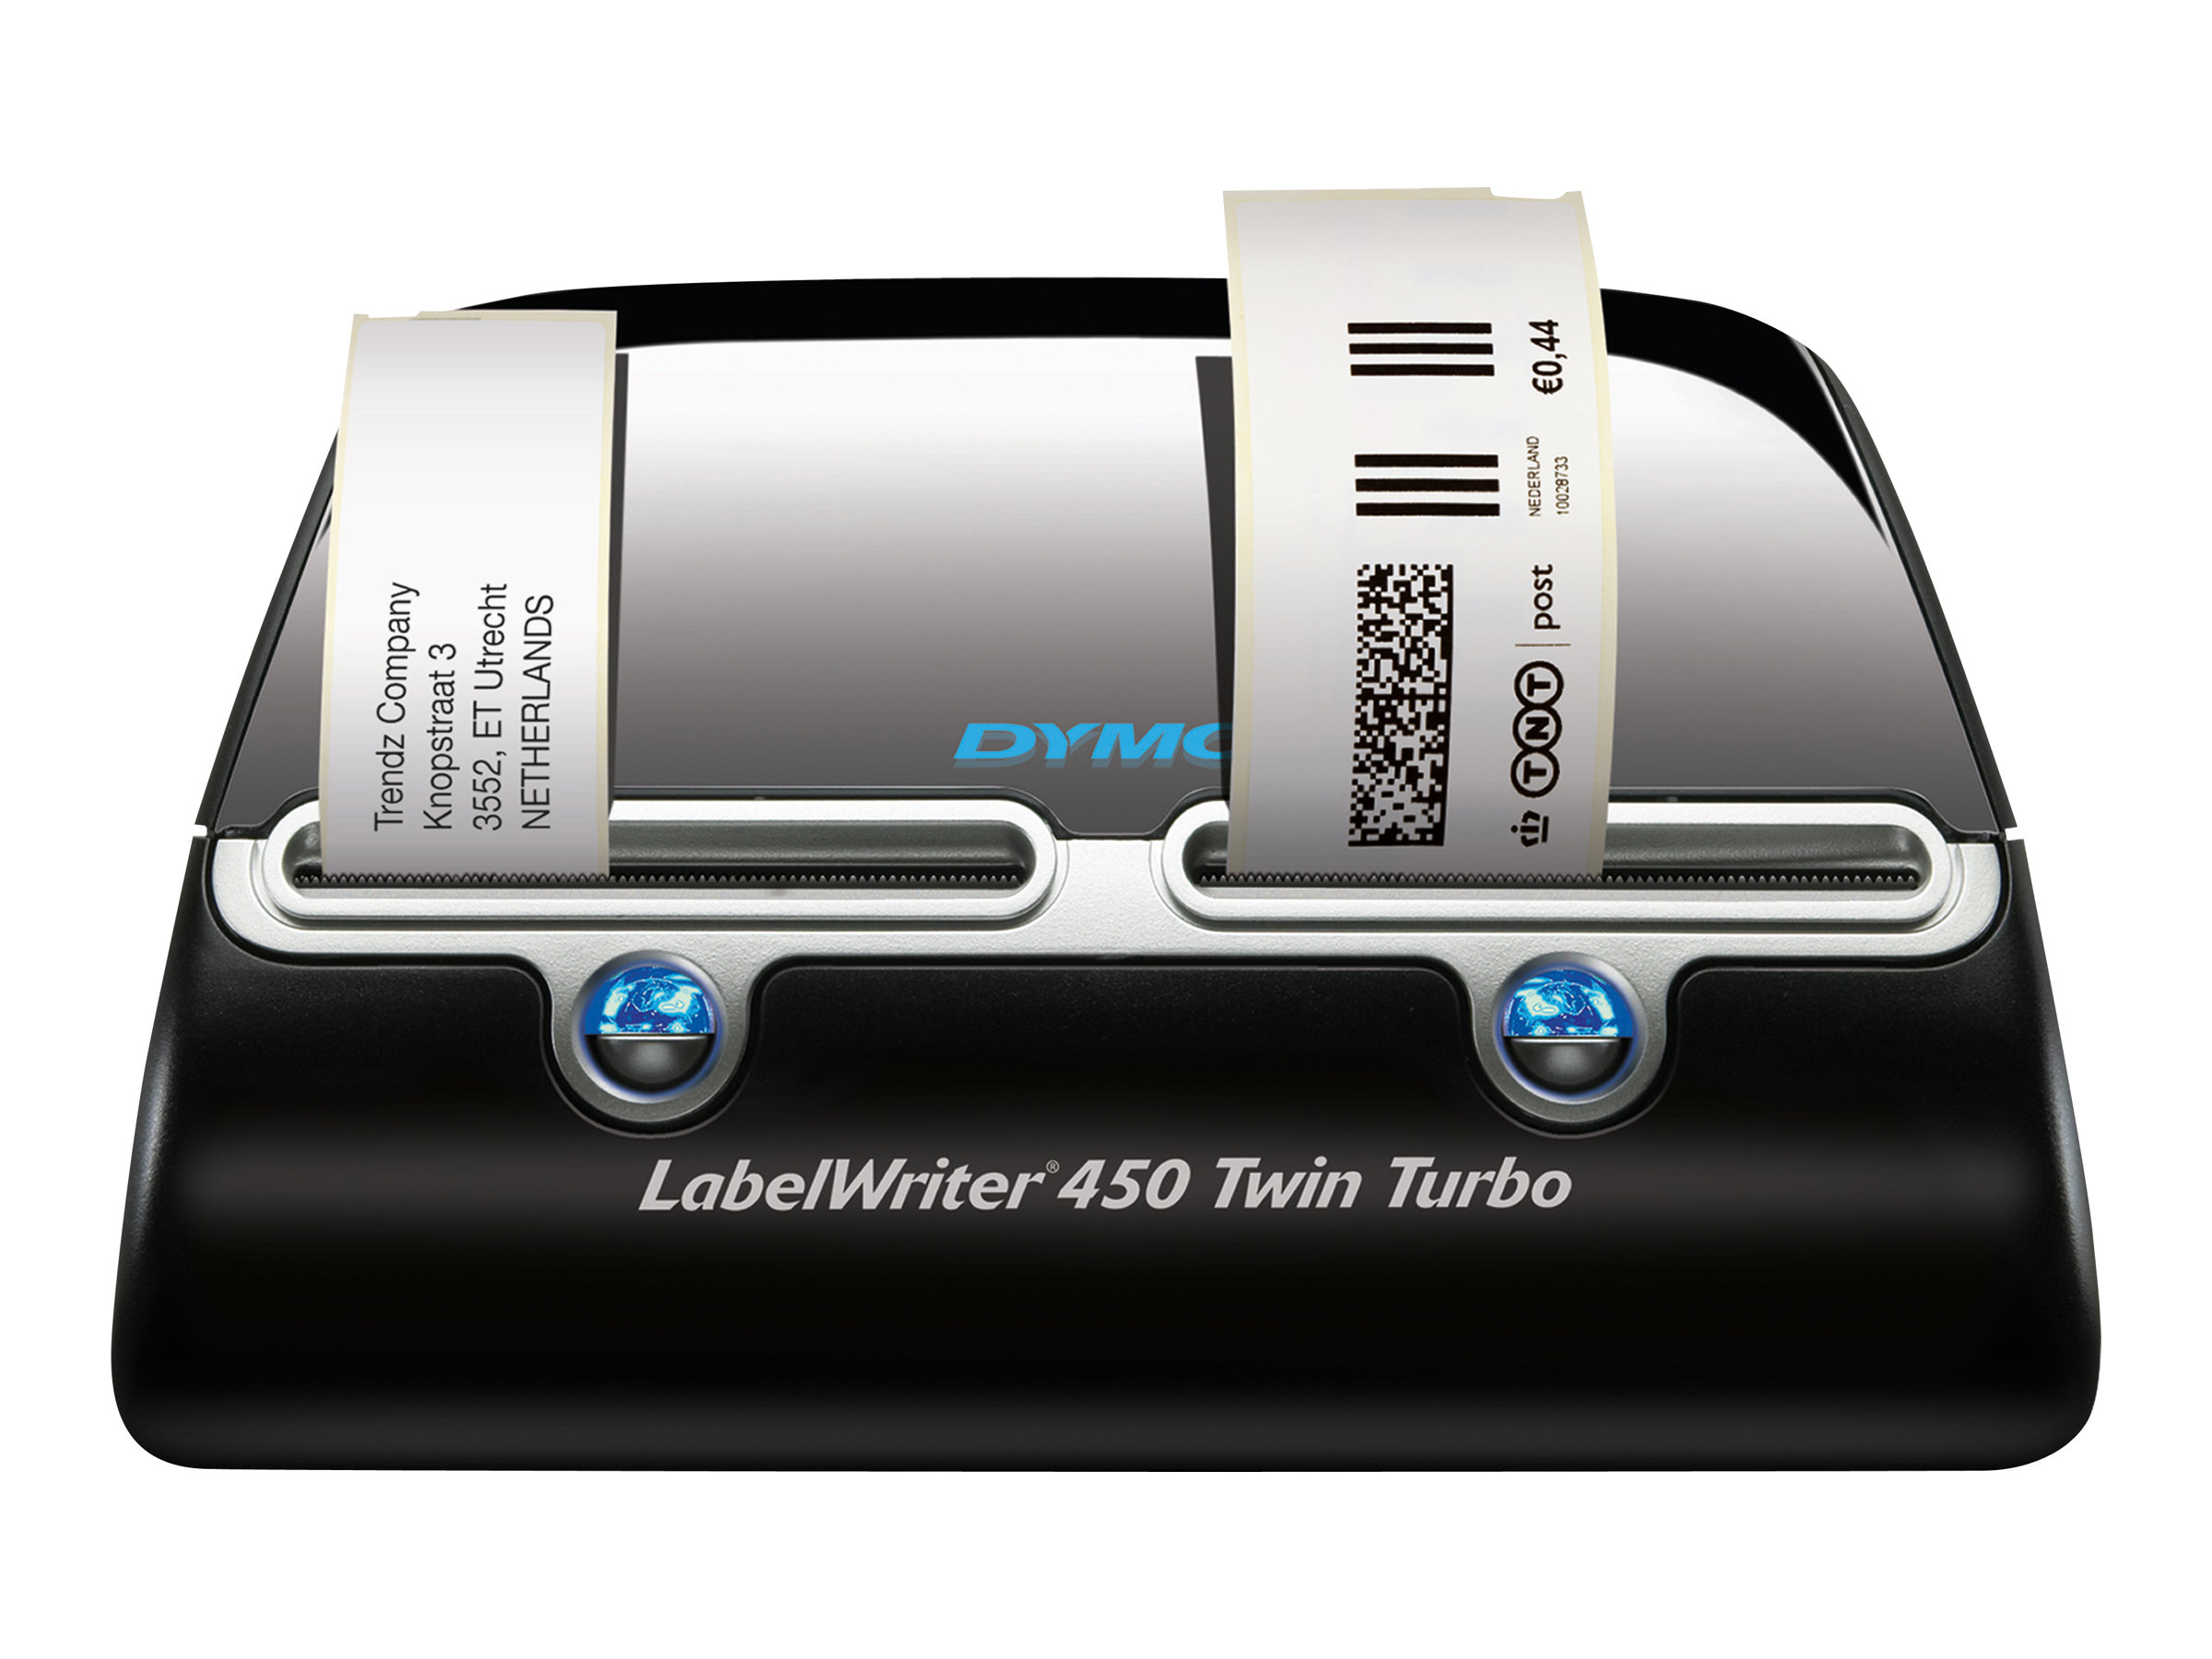 DYMO LabelWriter 450 Twin Turbo - Etikettendrucker - Thermodirekt - Rolle (6,2 cm) - 600 x 300 dpi - bis zu 71 Etiketten/Min.